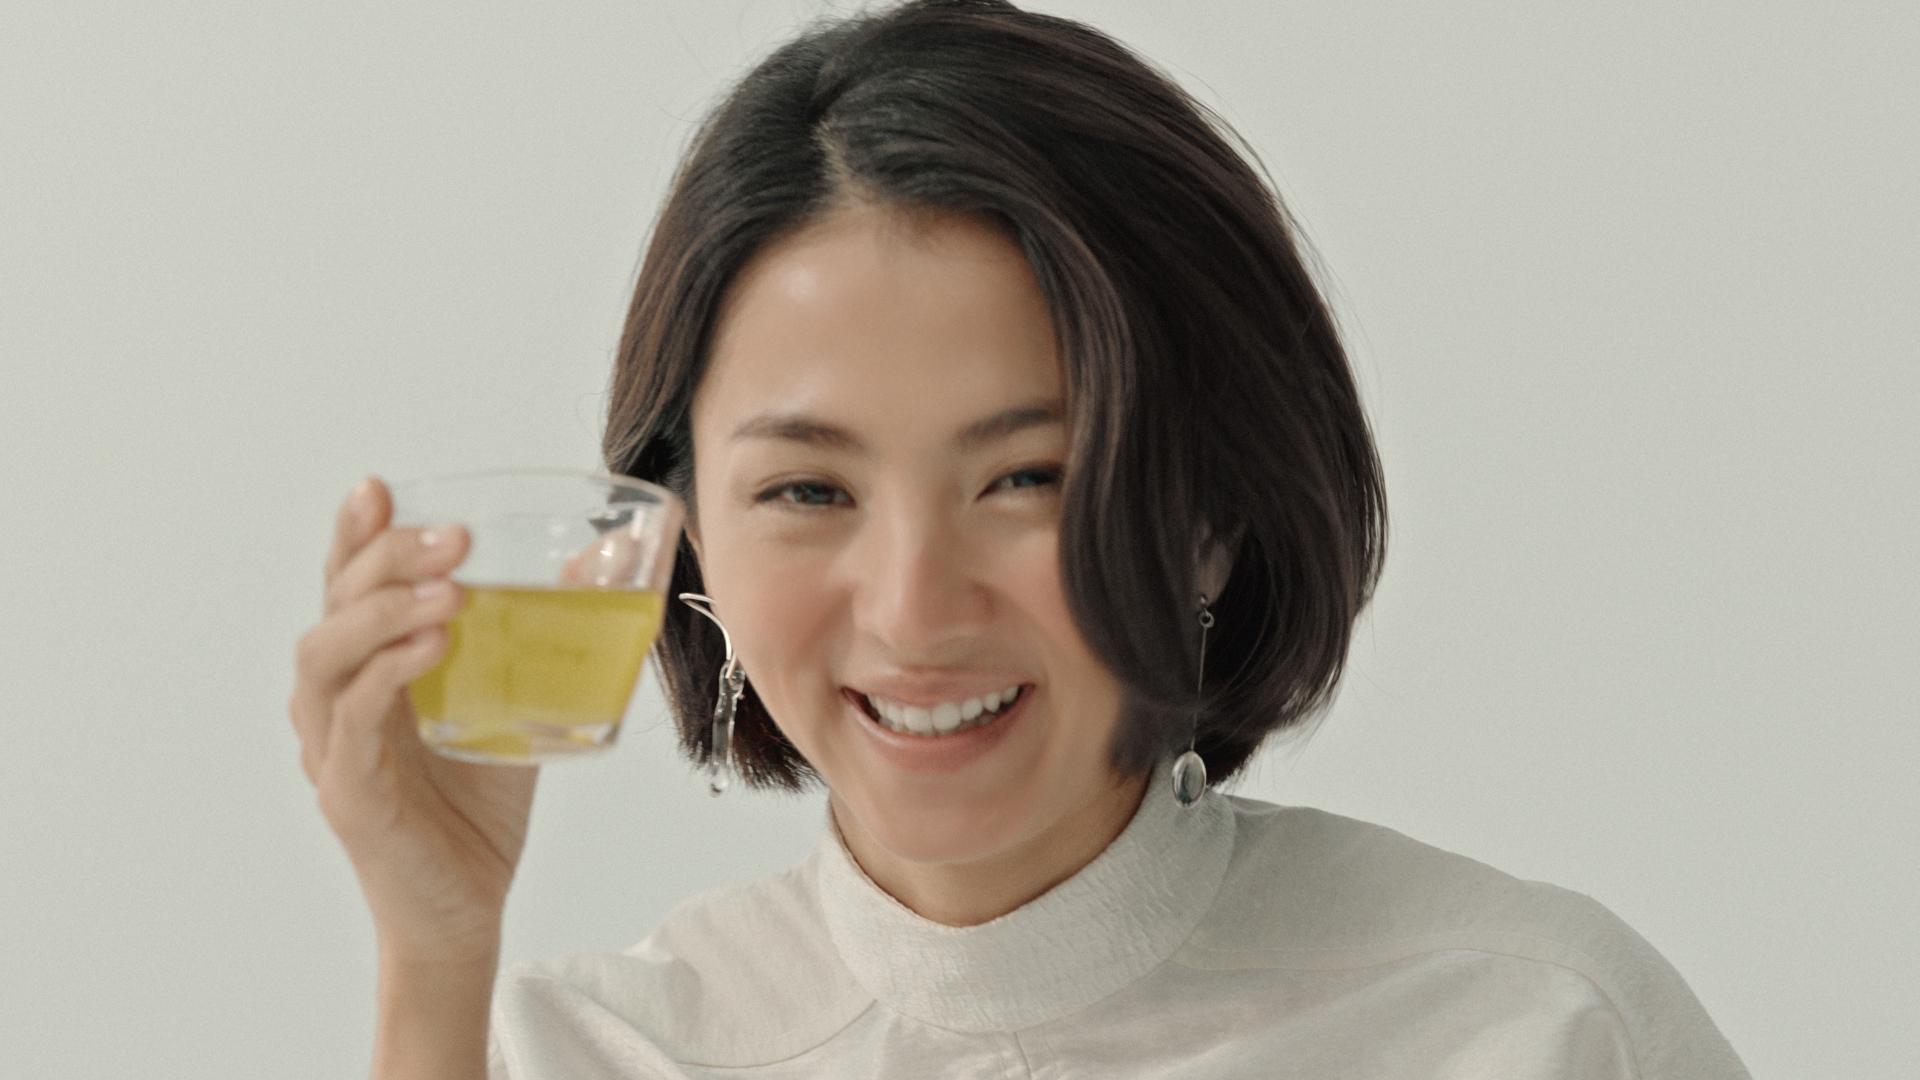 満島ひかり、「キリン 生茶」新CMキャラクター